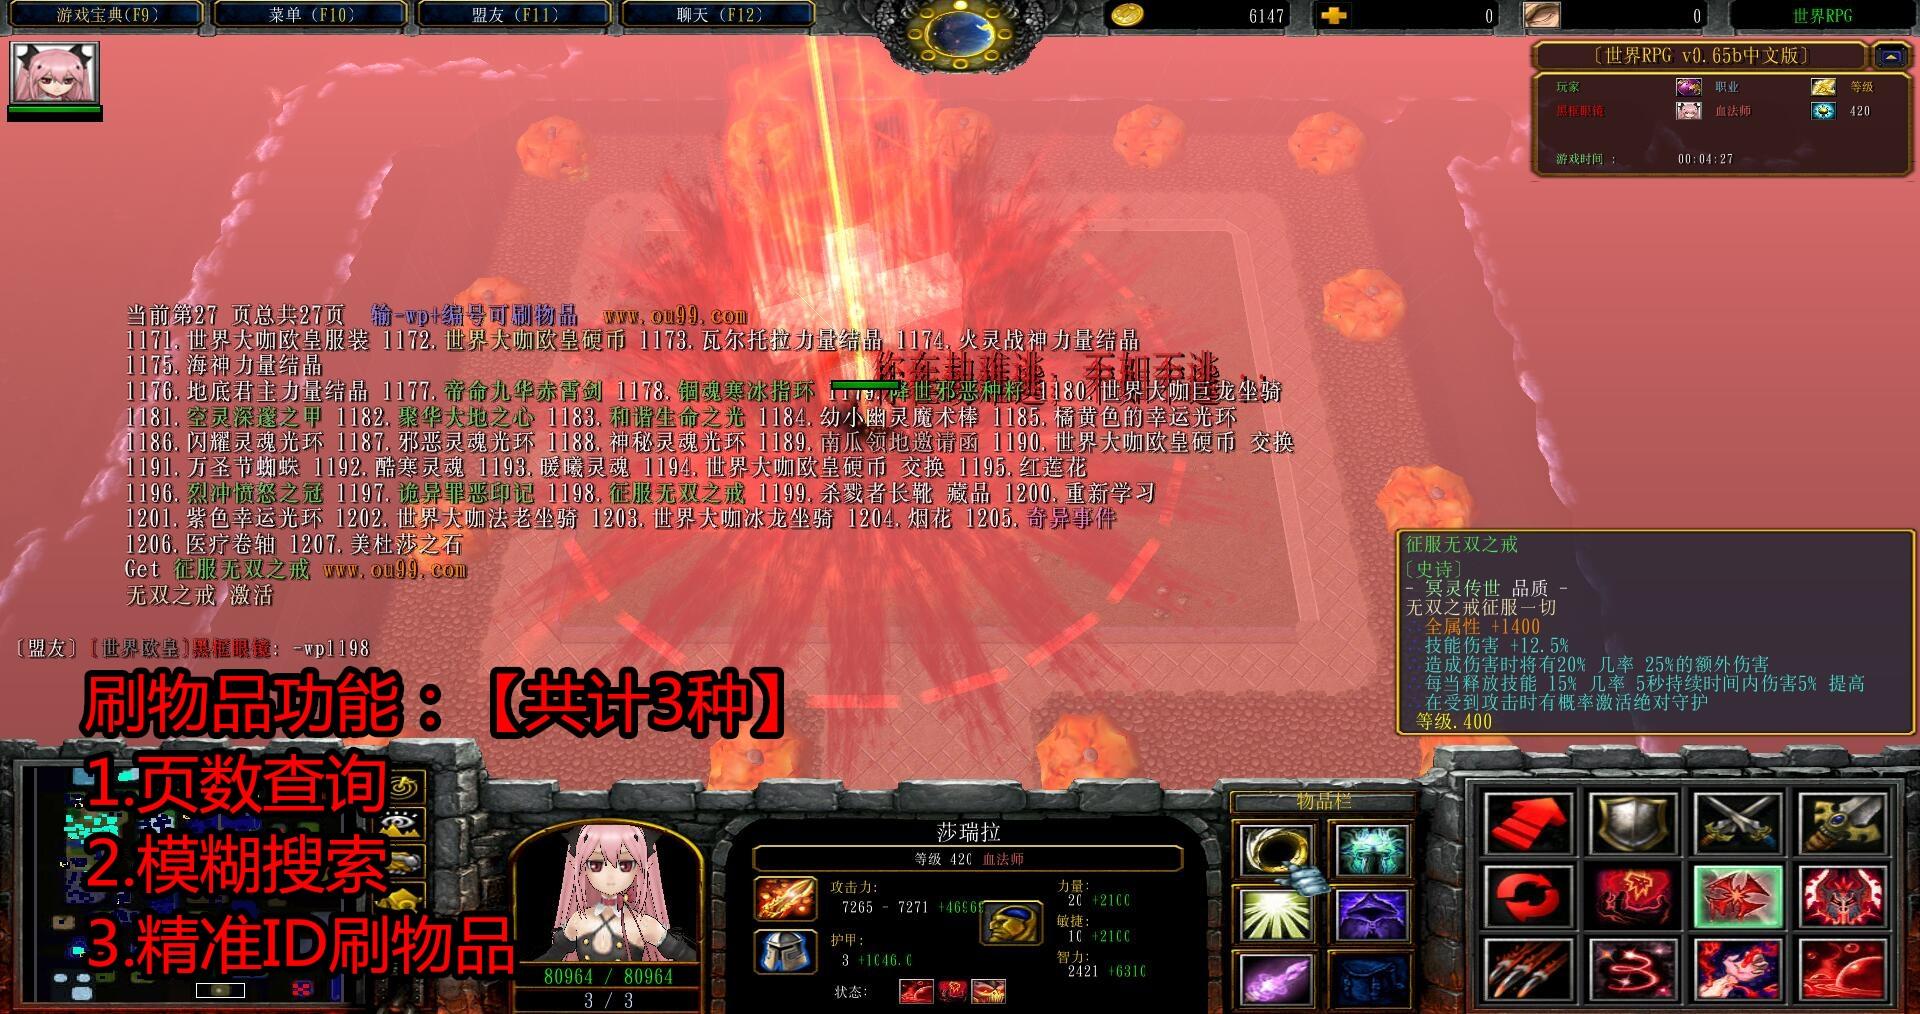 世界RPGv0.65b中文版黑式破解